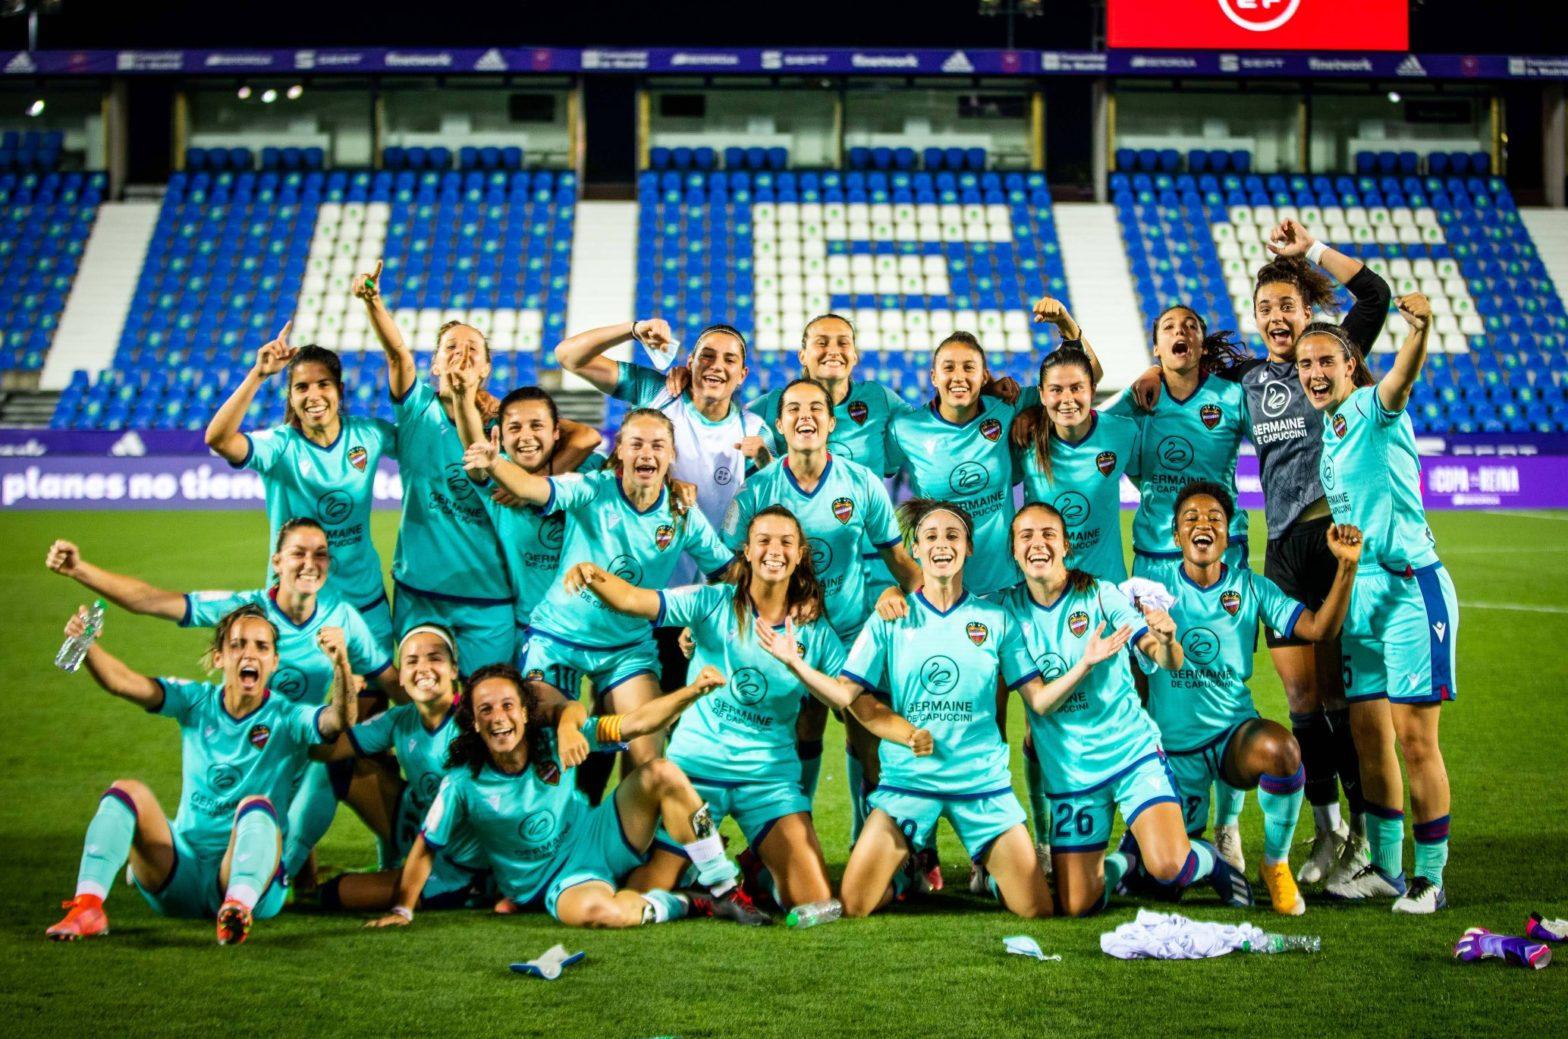 Jugadoras del Levante UD celebrando la victoria